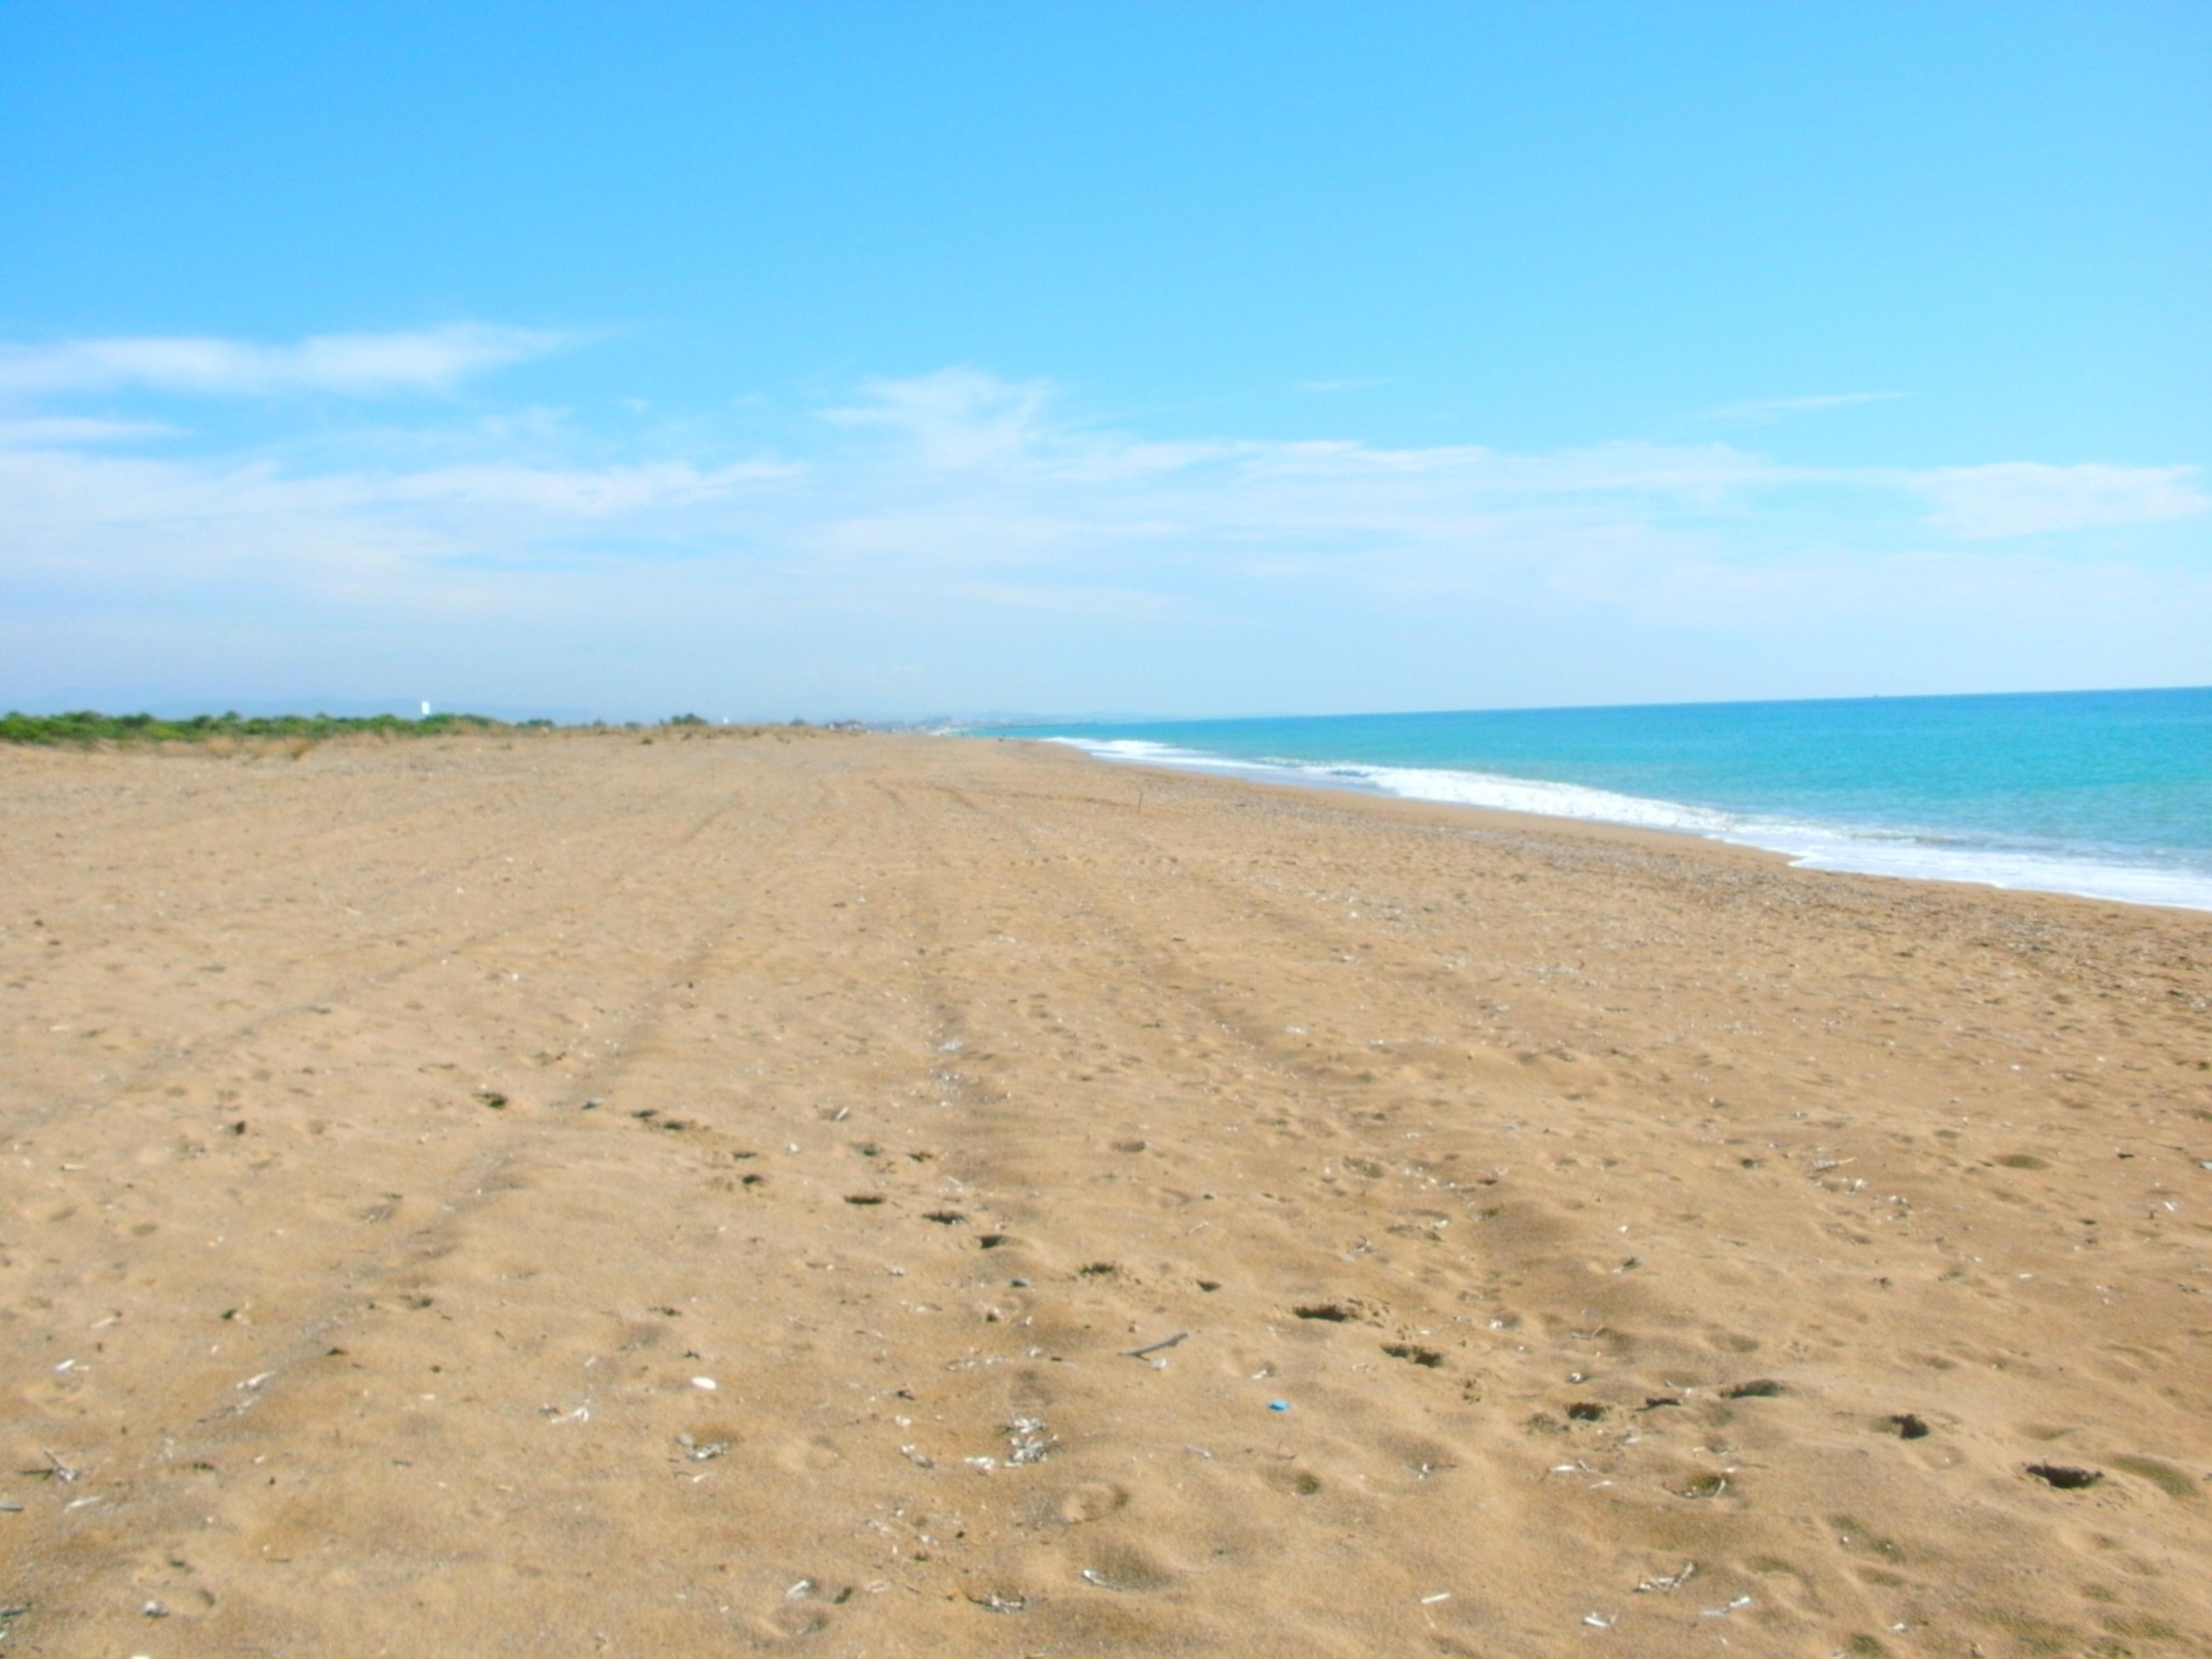 weiter Sandstrand mit viel Himmel und ruhigem Meer